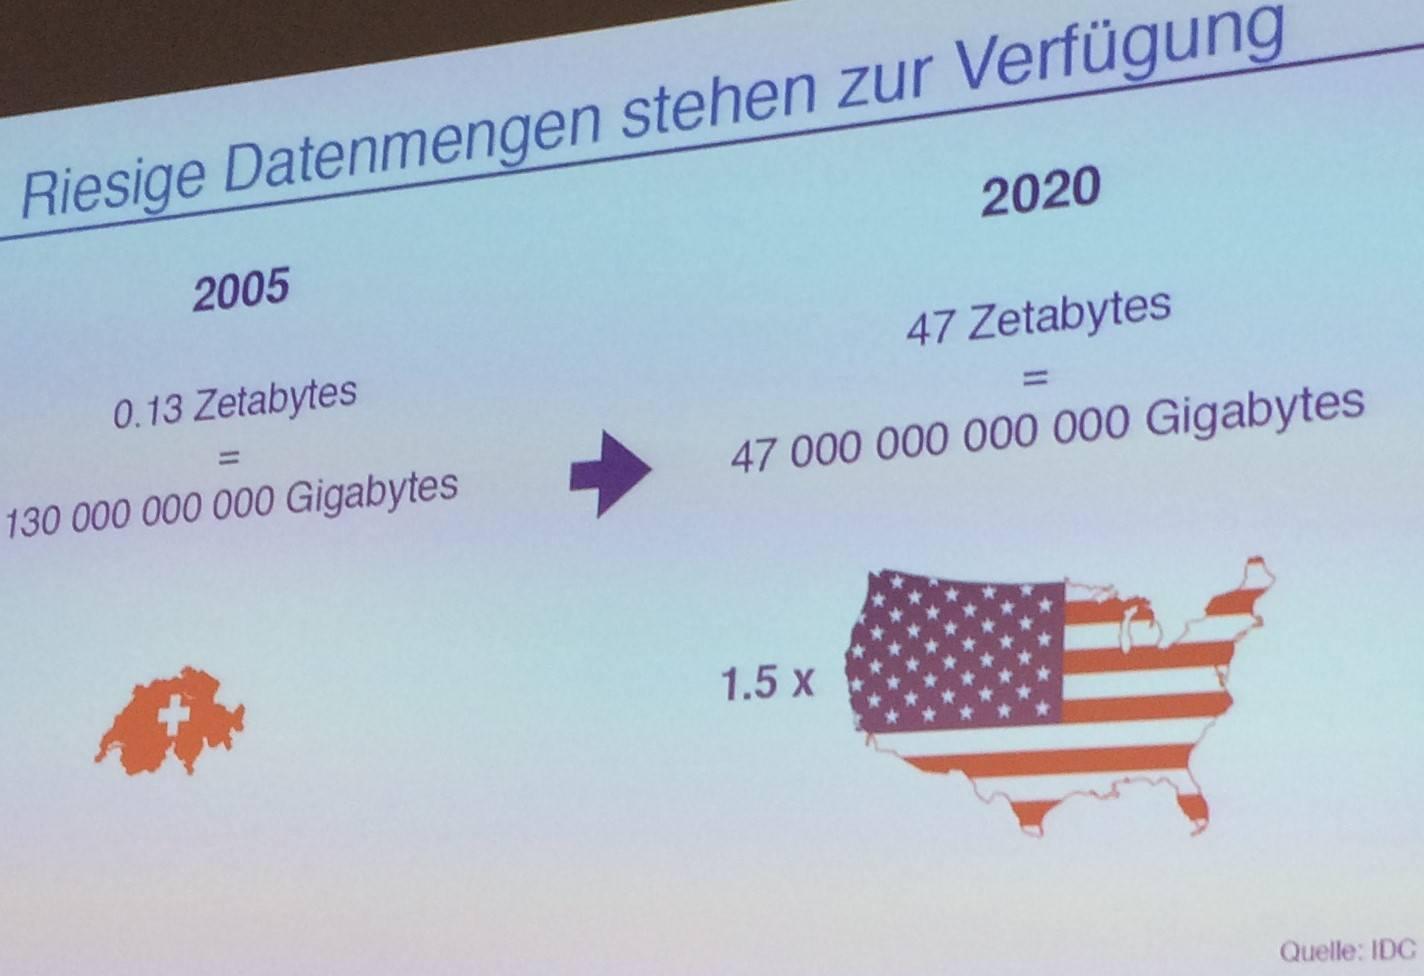 Grosse und noch stark wachsende Datenmengen